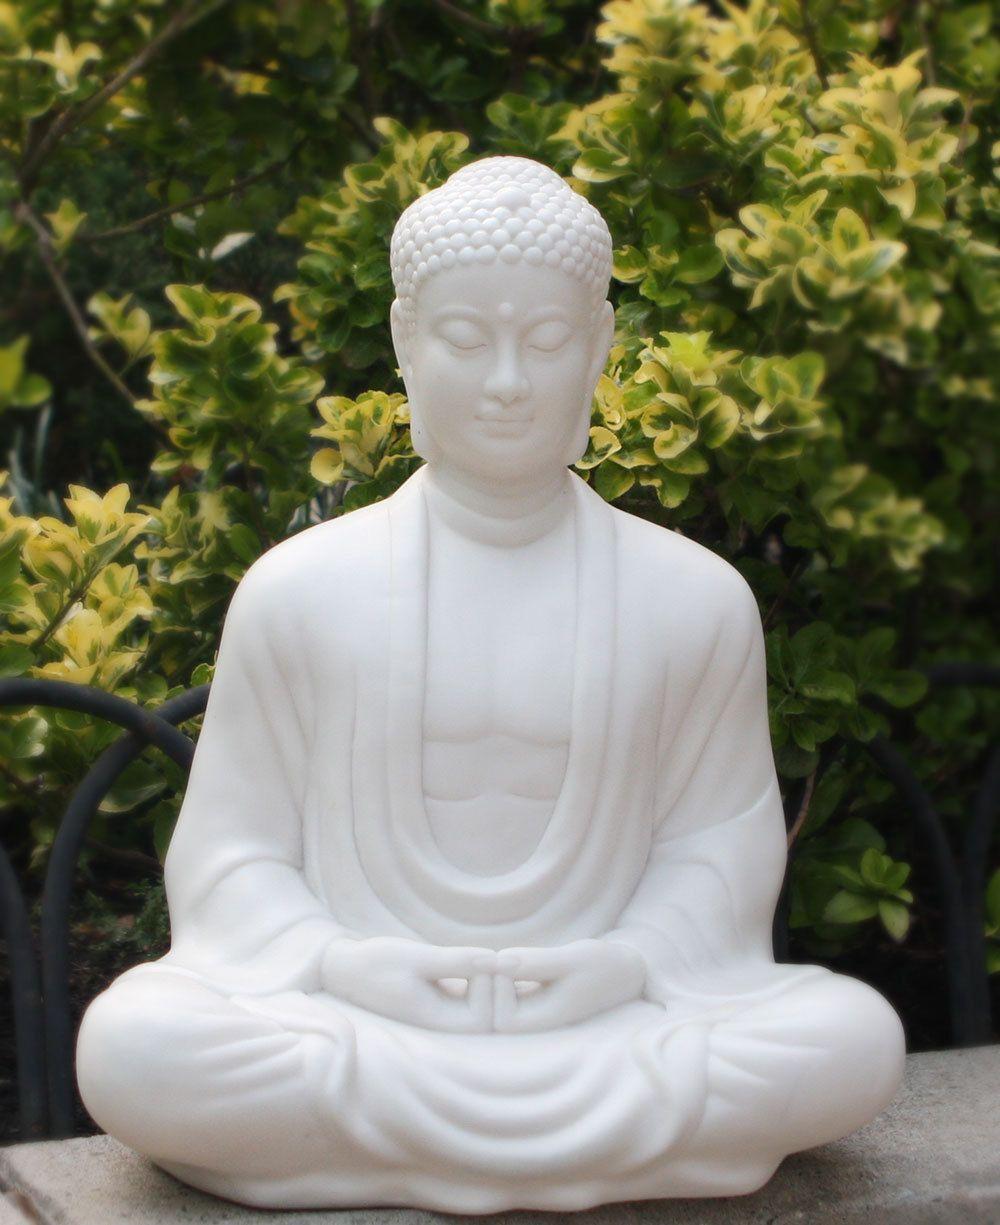 Buddhist Garden Design Decoration sitting garden buddha statue in pearl white, 21 inches tall